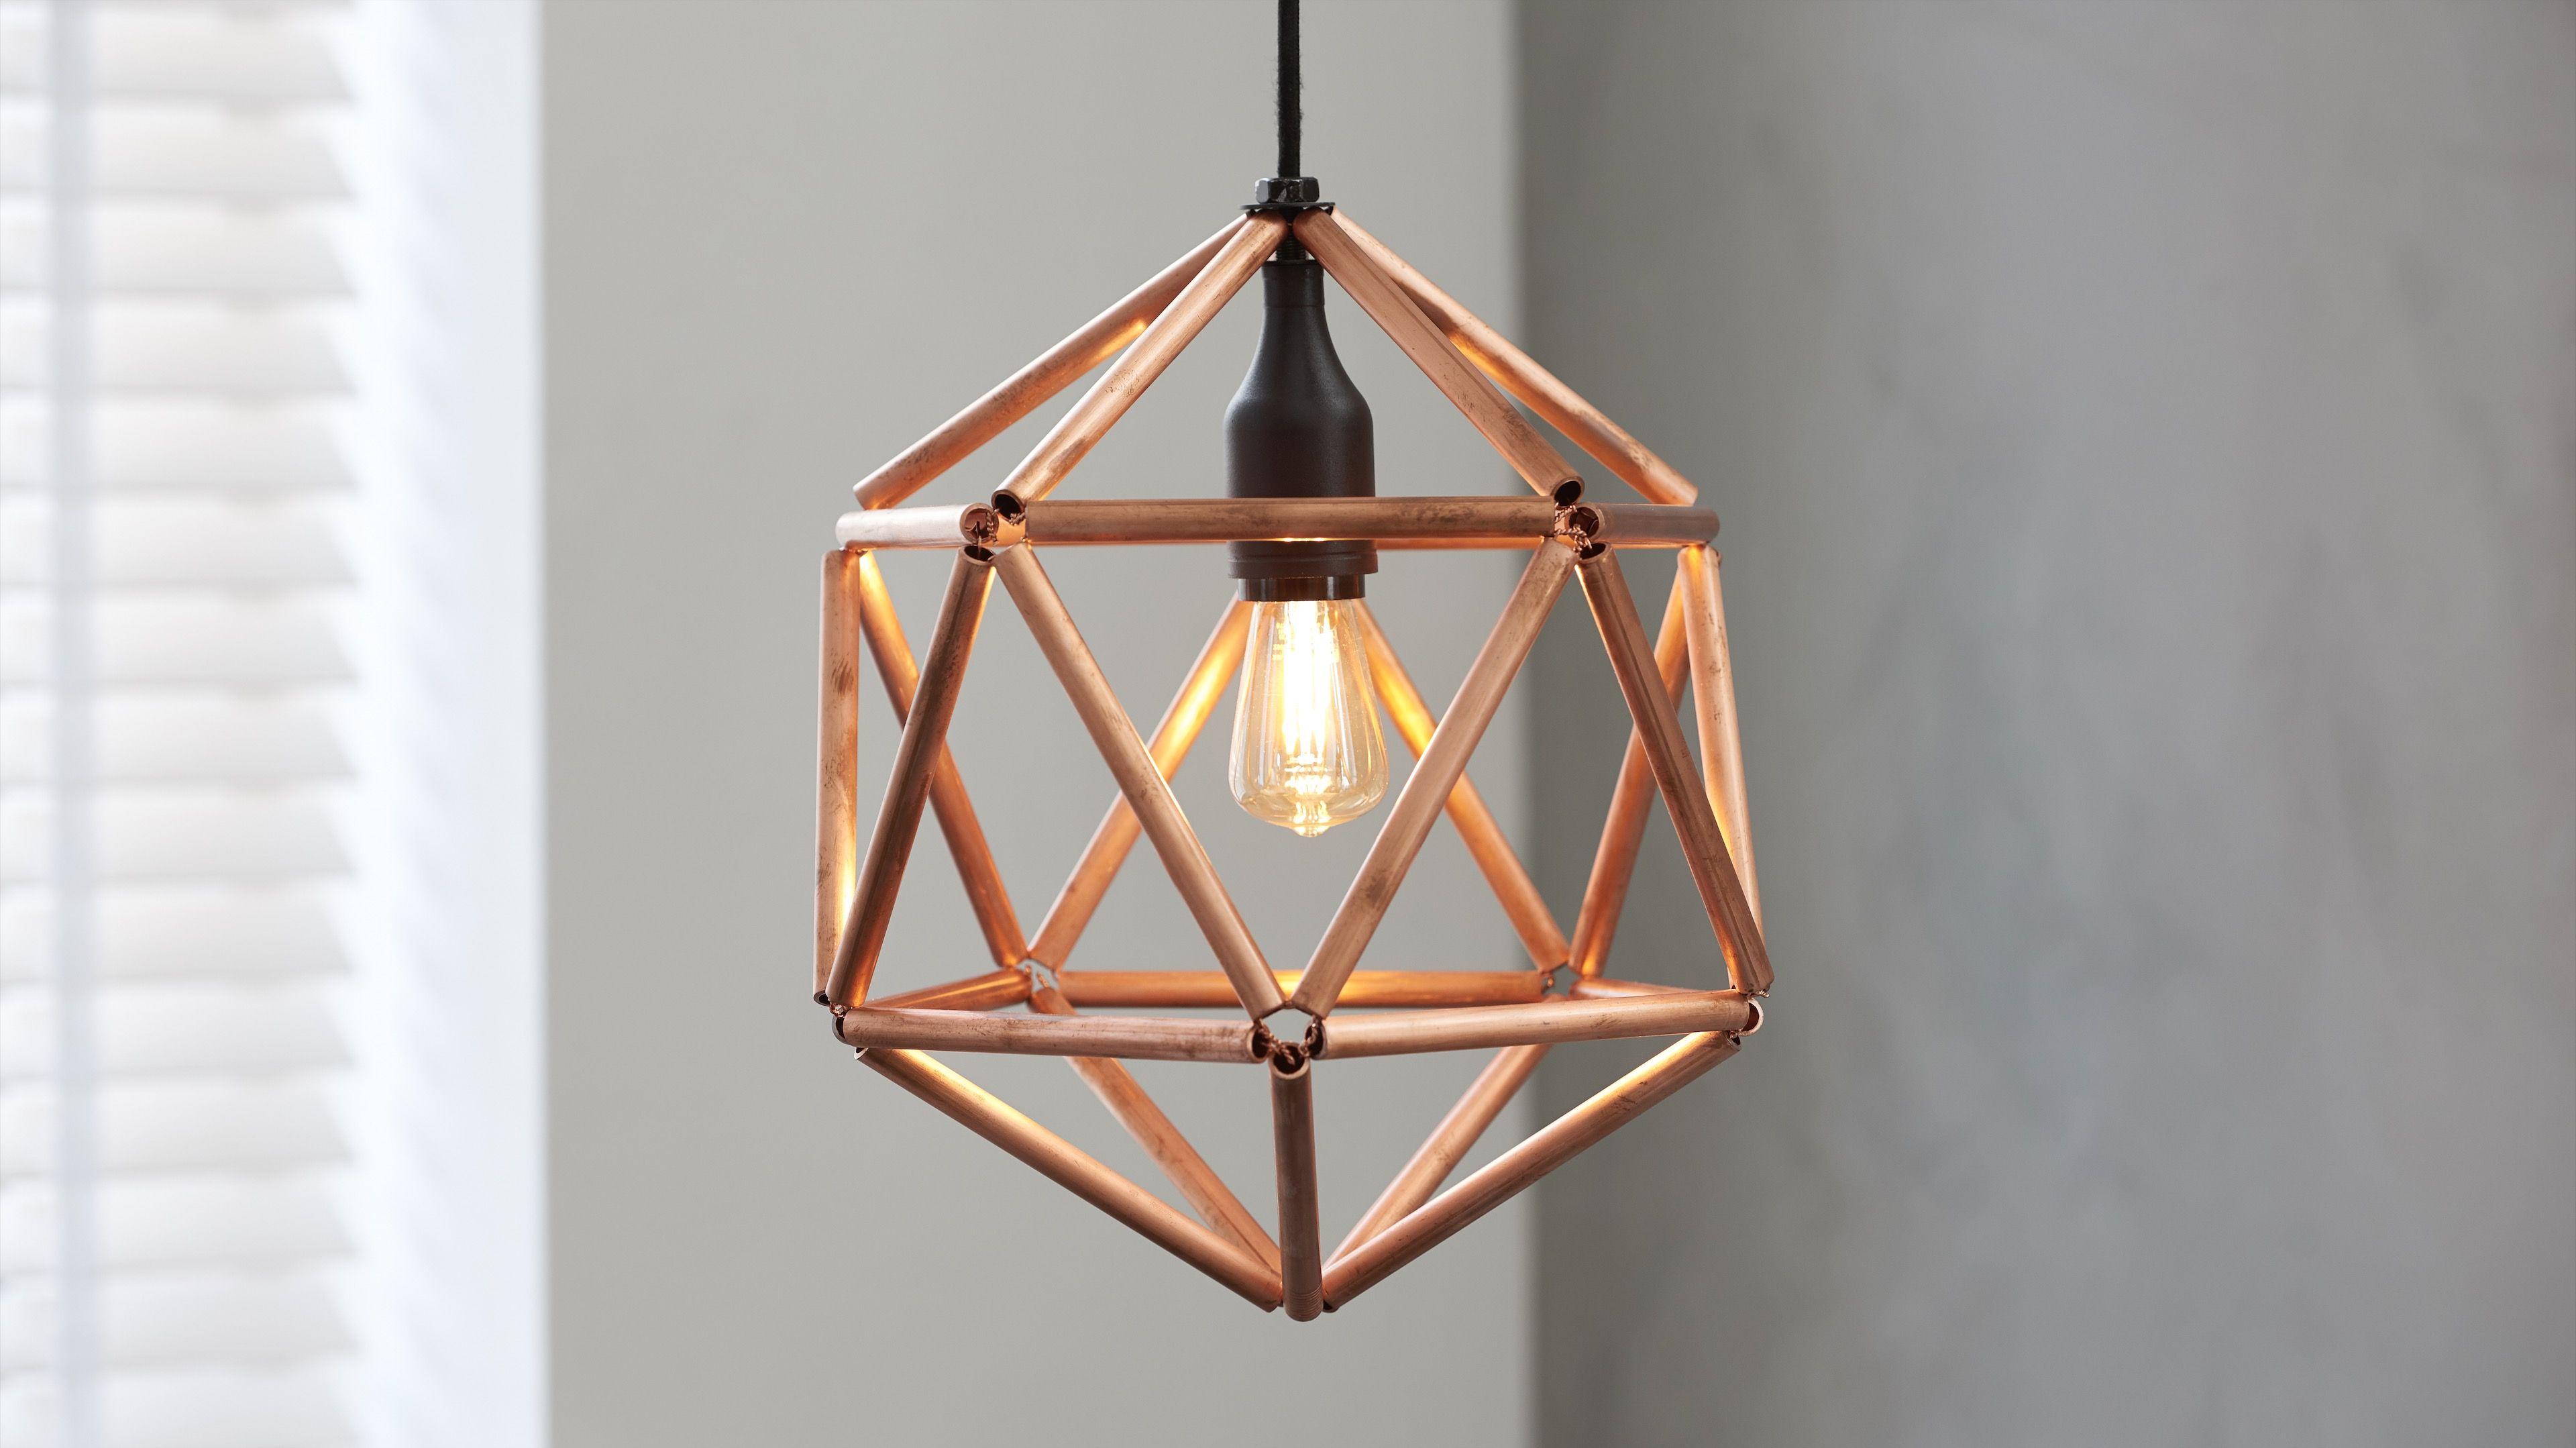 Praxis Lampen Aanbieding : Industriele koperen lamp maken in 2019 stappenplannen praxis